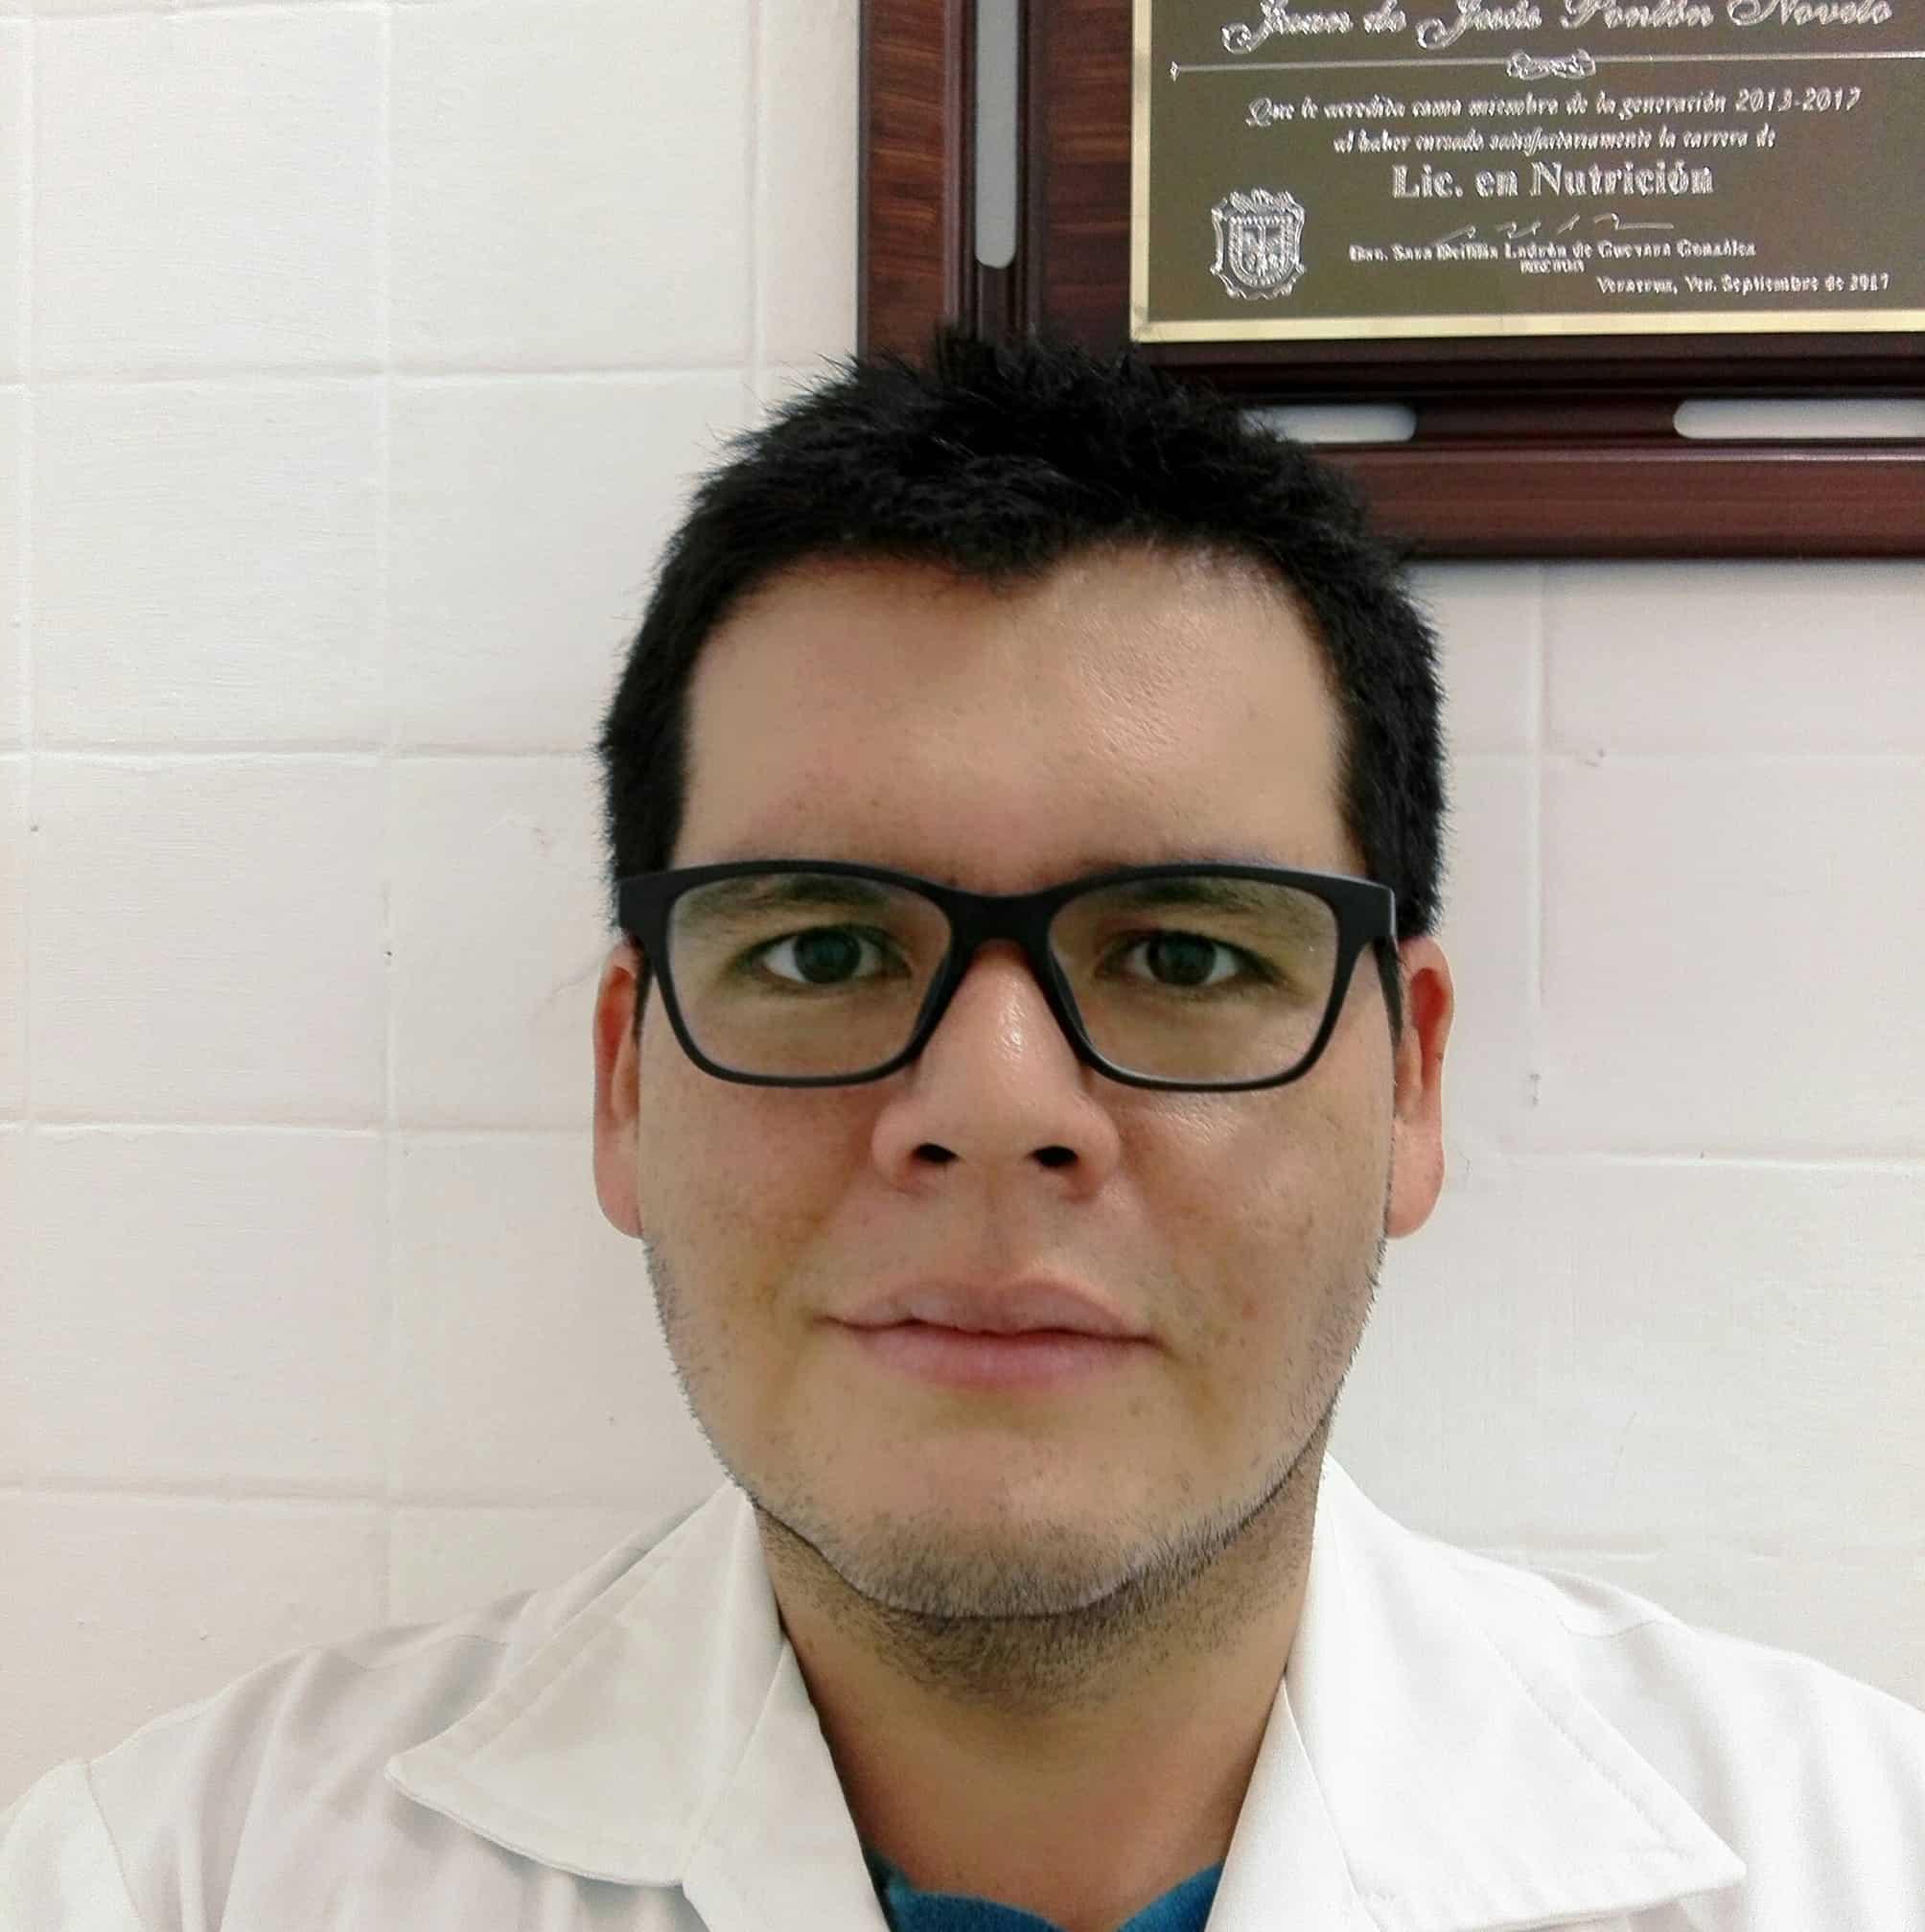 nutriologo en veracruz